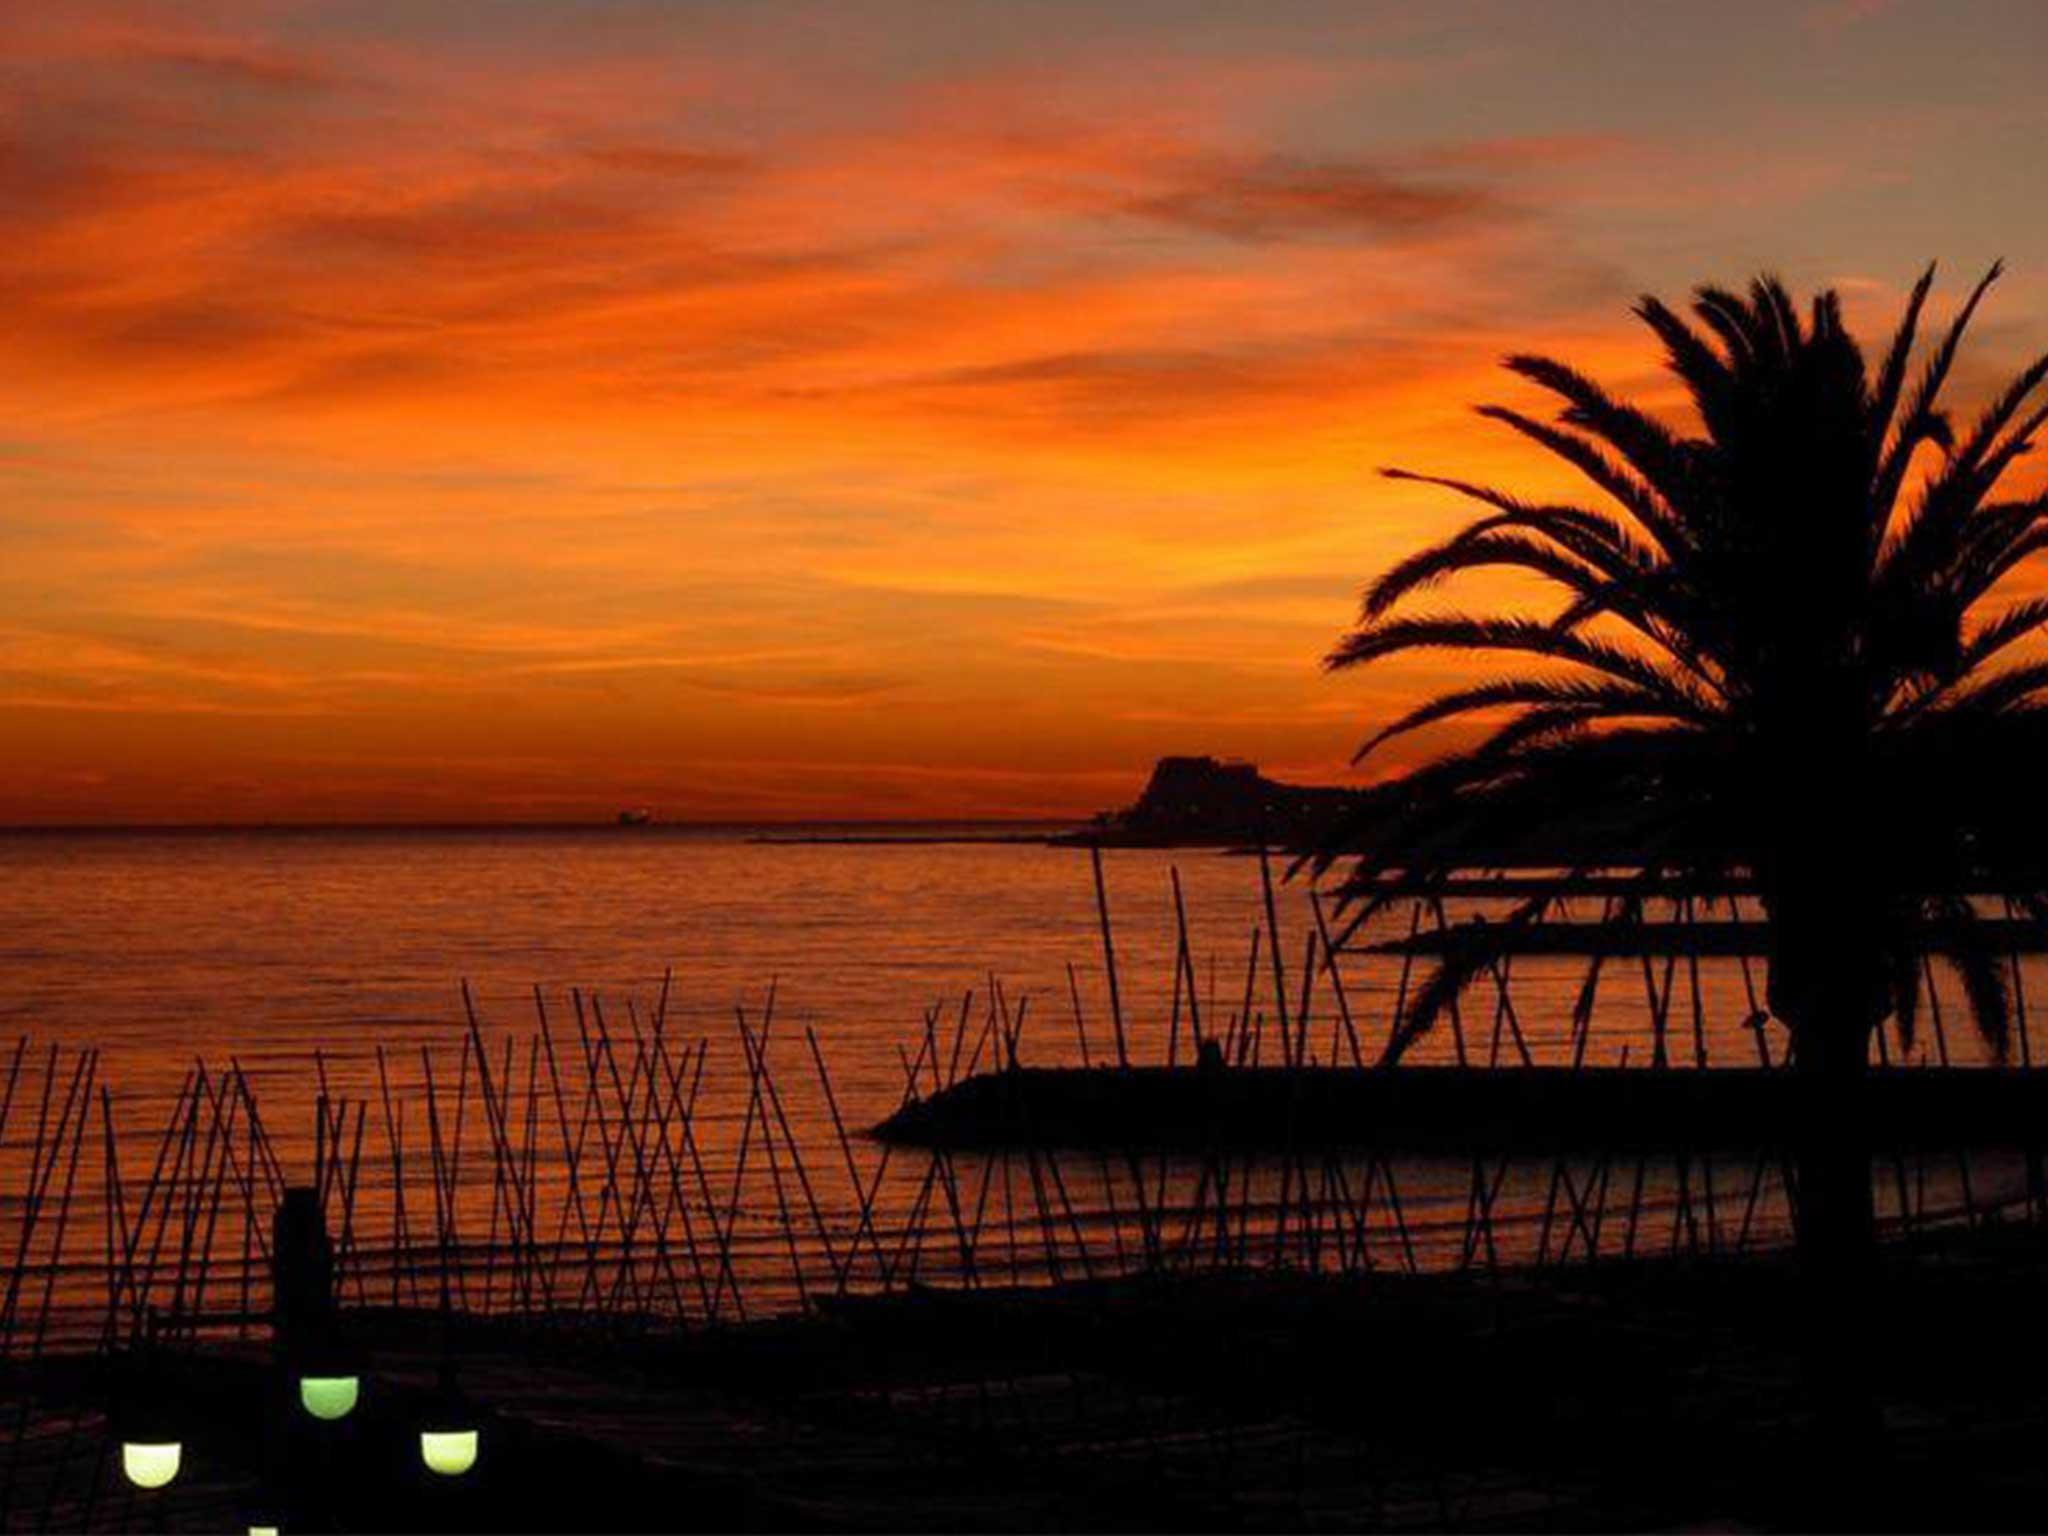 Appartement à louer à Sitges: coucher du soleil